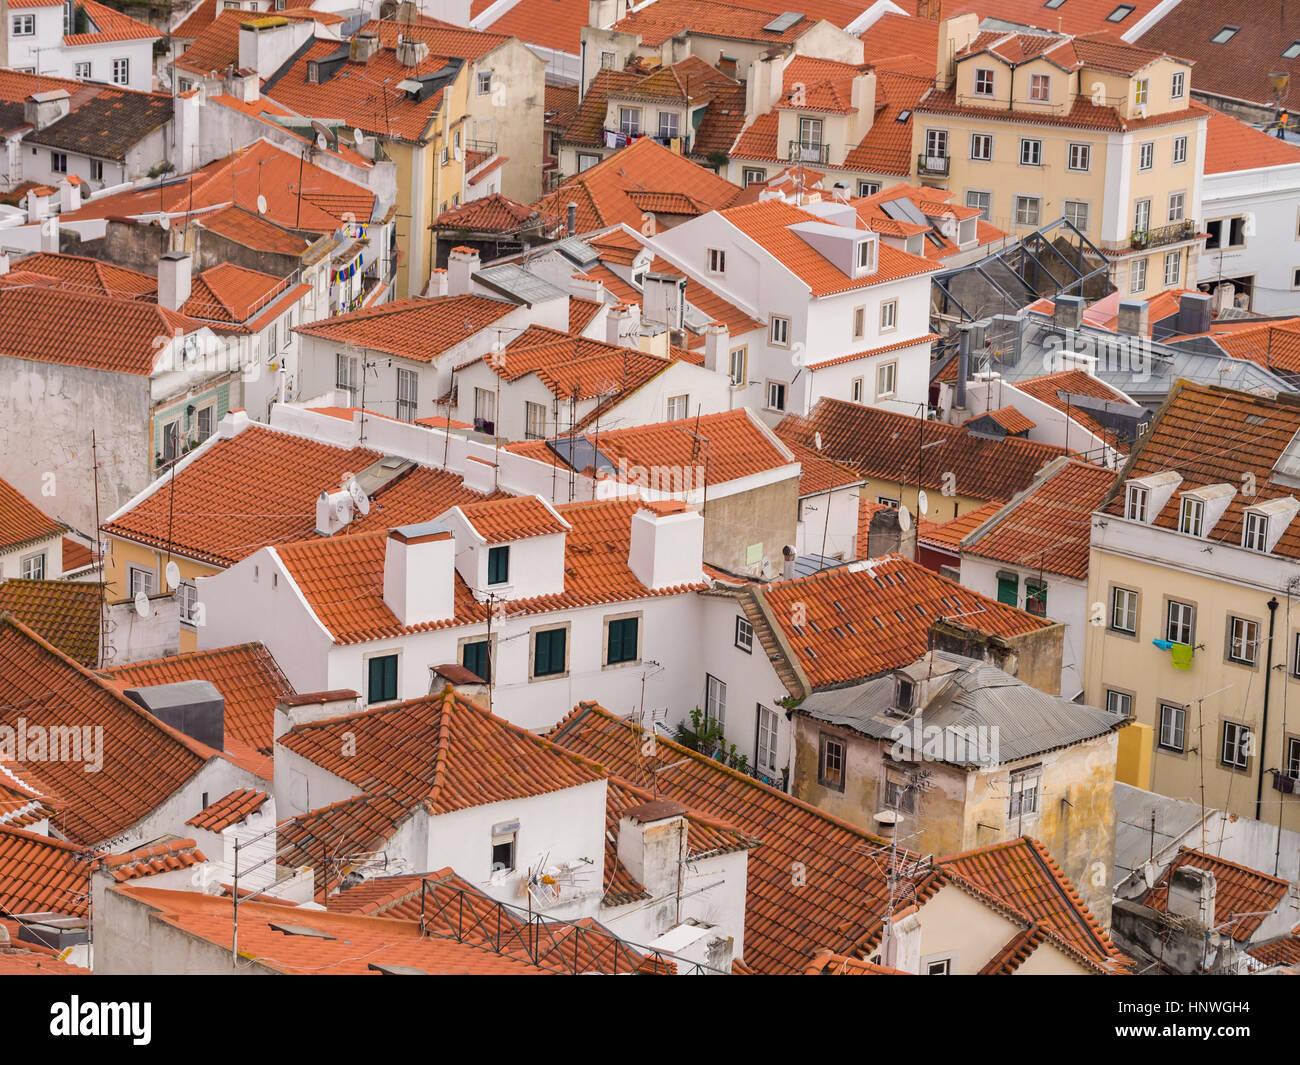 Lisbonne, Portugal - 10 janvier 2017: Architecture de Lisbonne, Portugal, vu de Portas do Sol. Photo Stock